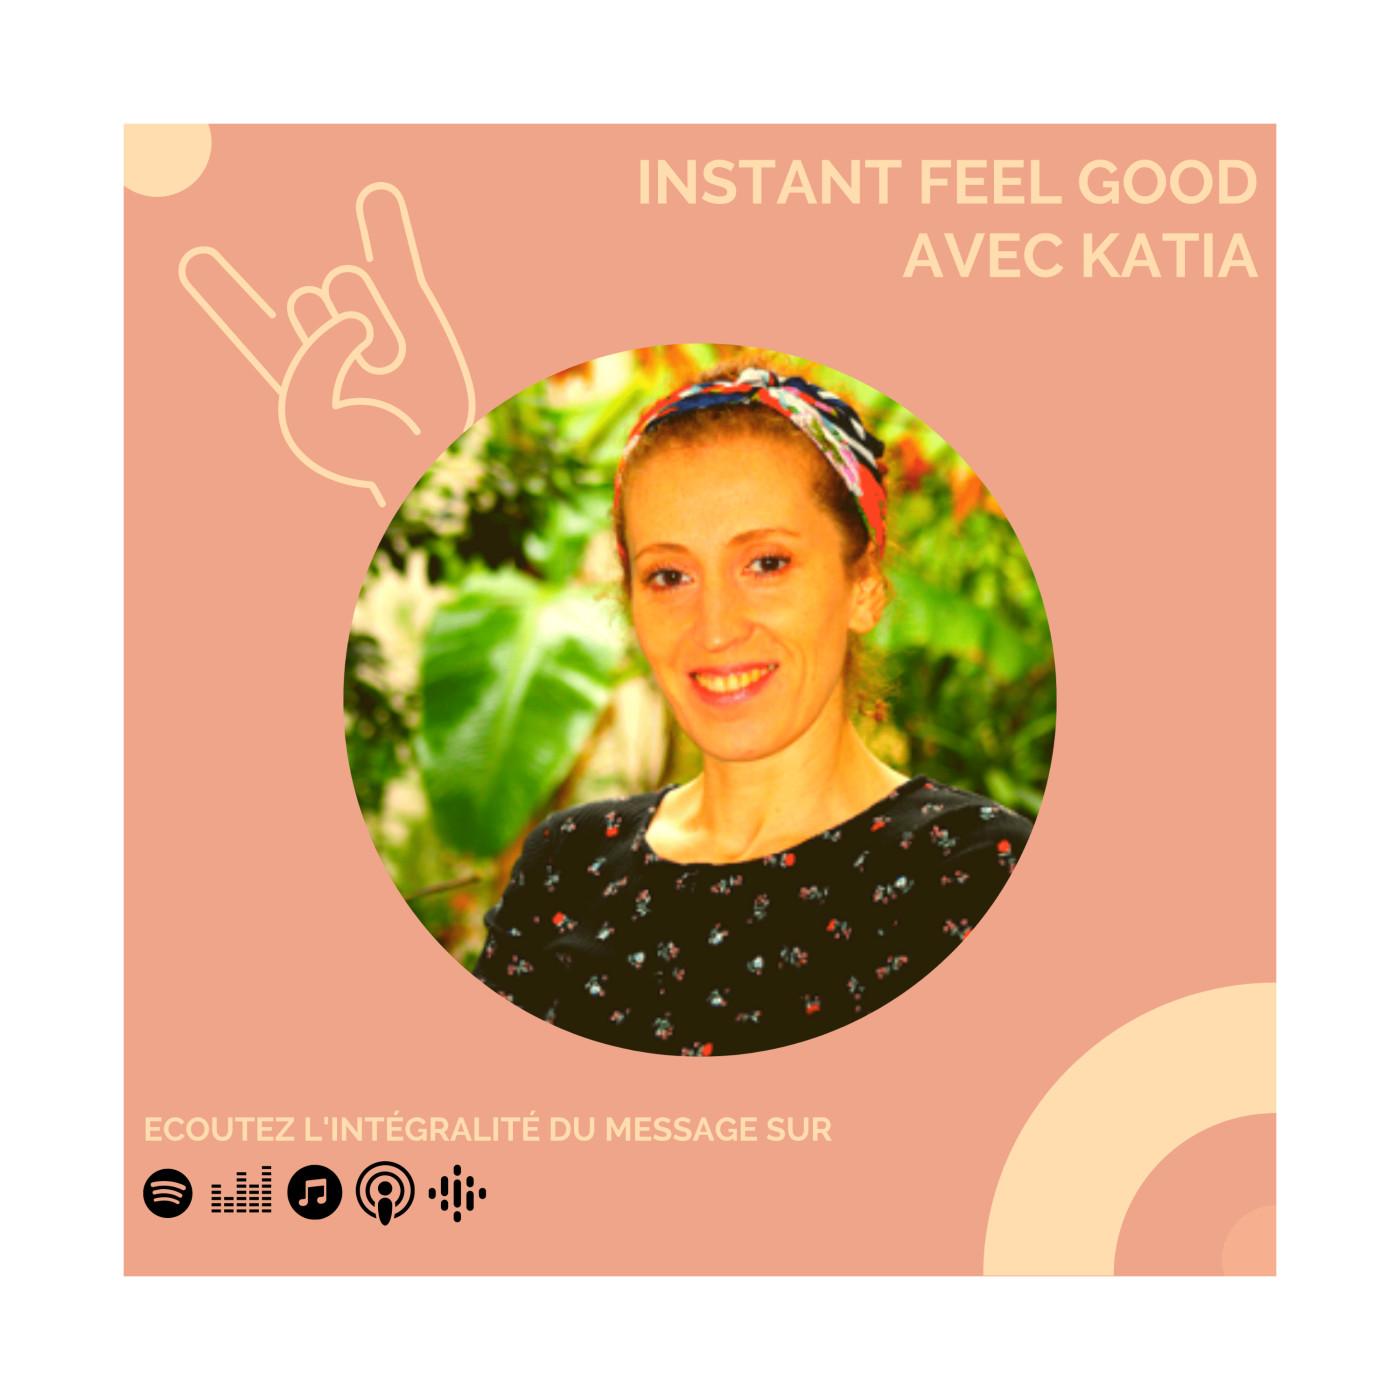 BONUS : Instant Feel Good avec Katia